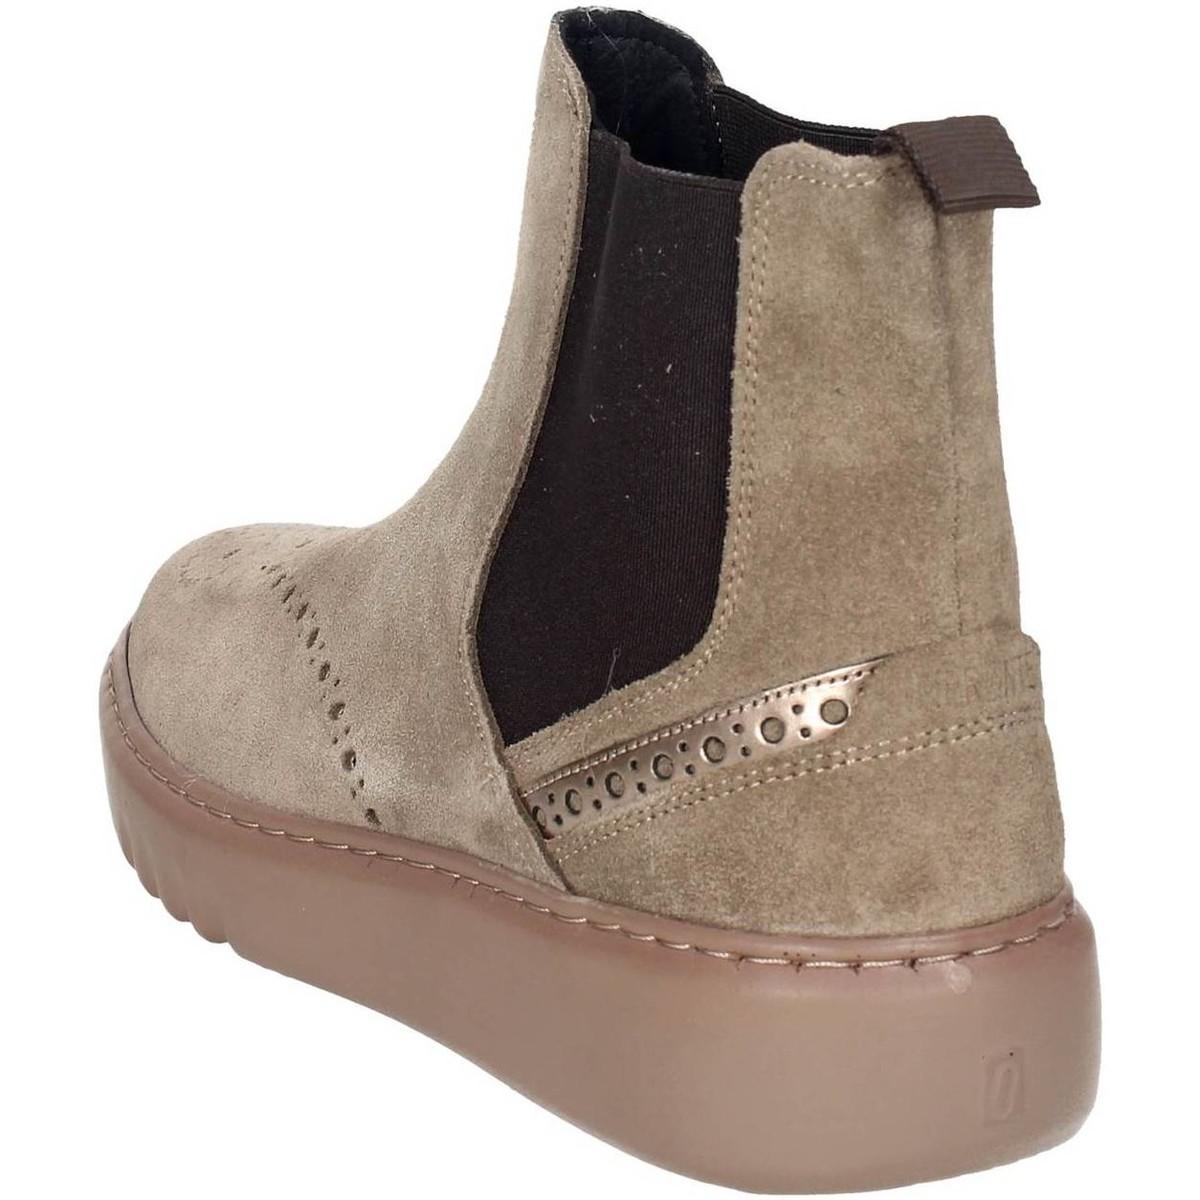 Boots Impronte Impronte Boots Il172516 Il172516 Impronte Impronte Boots Boots Impronte Il172516 Il172516 Boots Impronte Il172516 nOkw0P